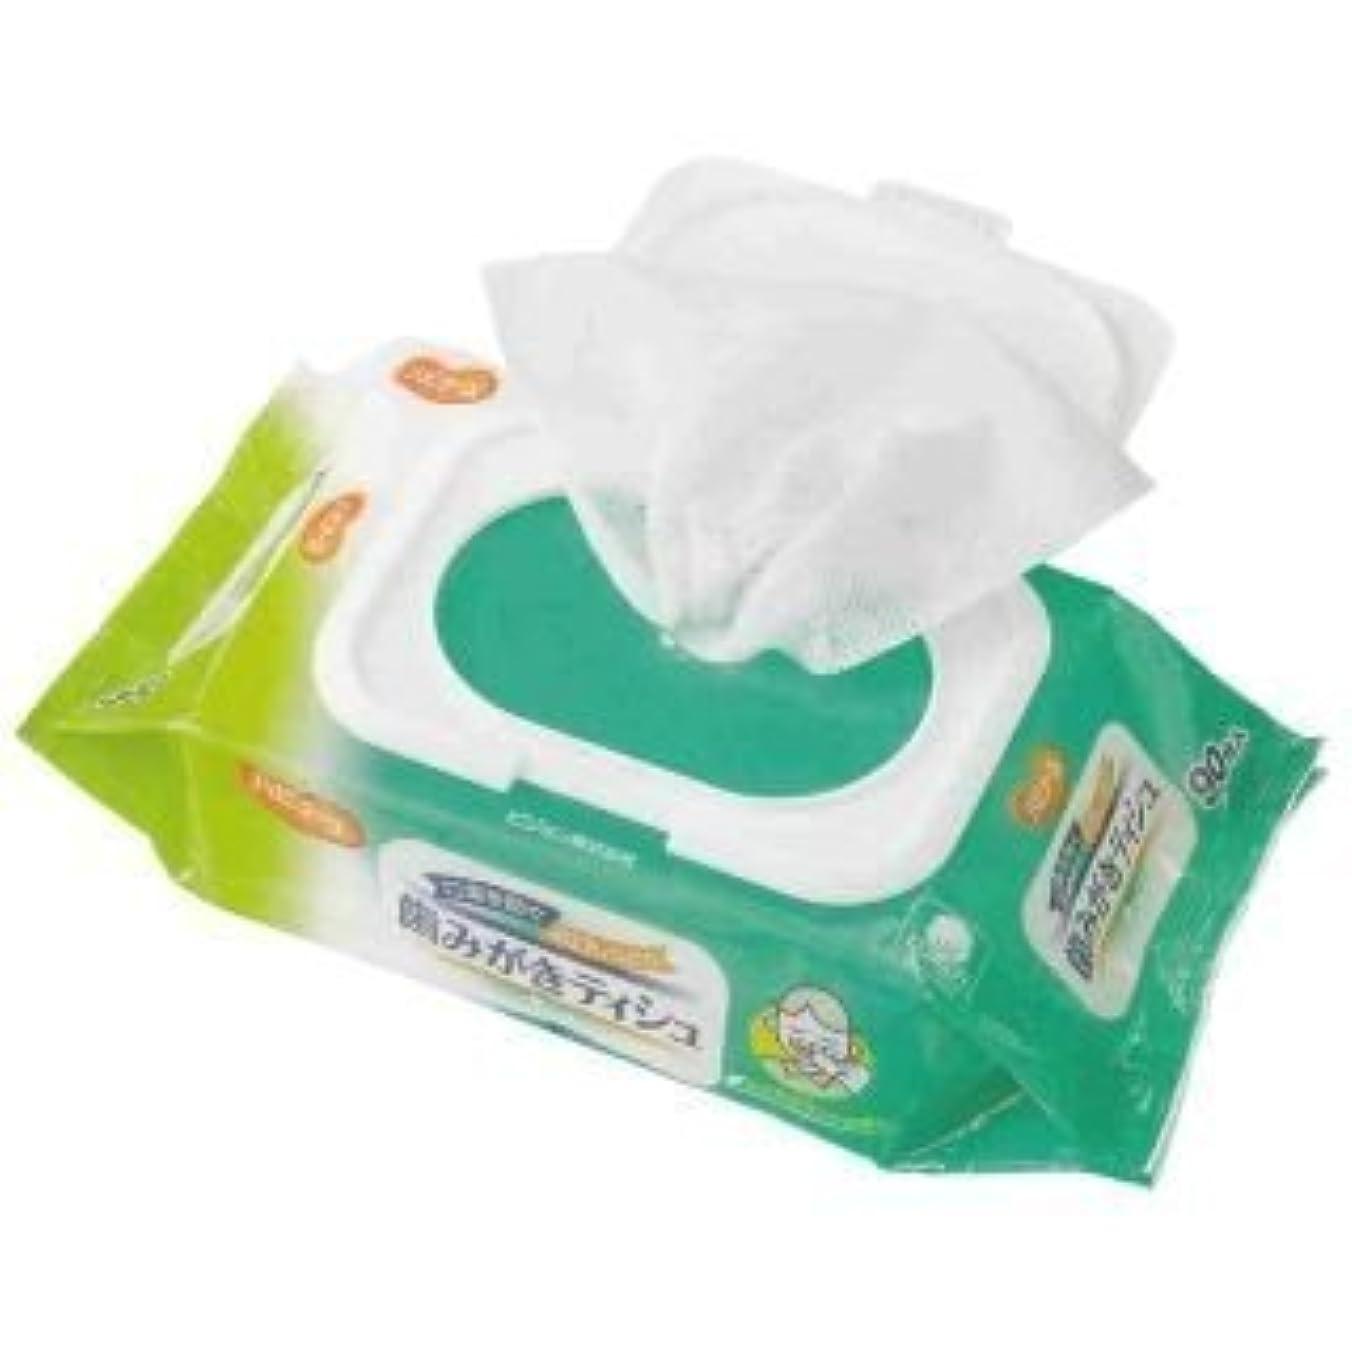 トロピカル年ジェスチャー口臭を防ぐ&お口しっとり!ふきとりやすいコットンメッシュシート!お口が乾燥して、お口の臭いが気になるときに!歯みがきティシュ 90枚入